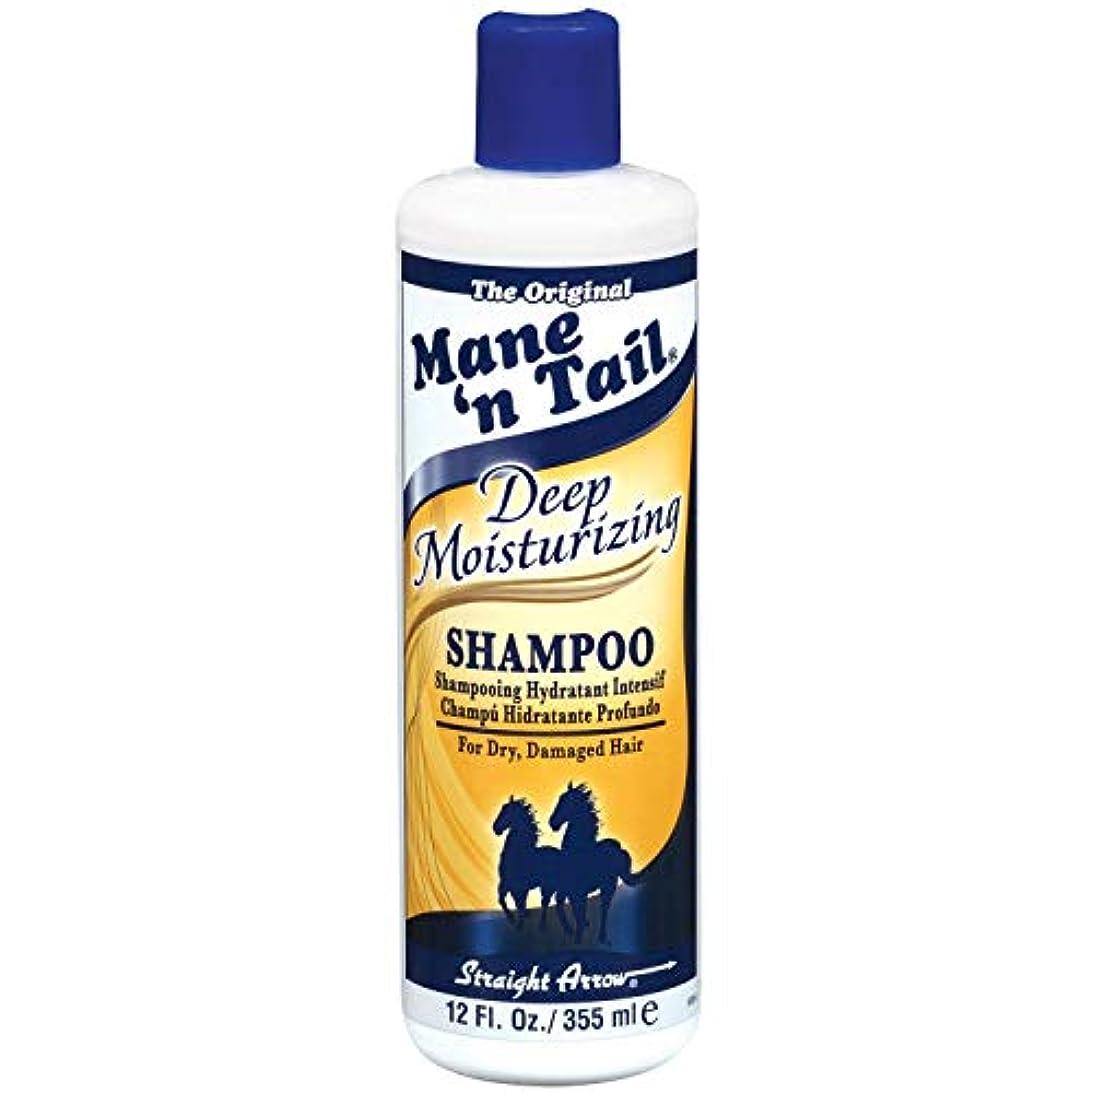 アトラス移行ジュラシックパーク(馬のたてがみ メインテイル ディープ モイスチャライジング 乾燥髪?傷んだ髪用 シャンプー)Mane'n Tail Deep Moisturizing Shampoo (並行輸入品) [並行輸入品]